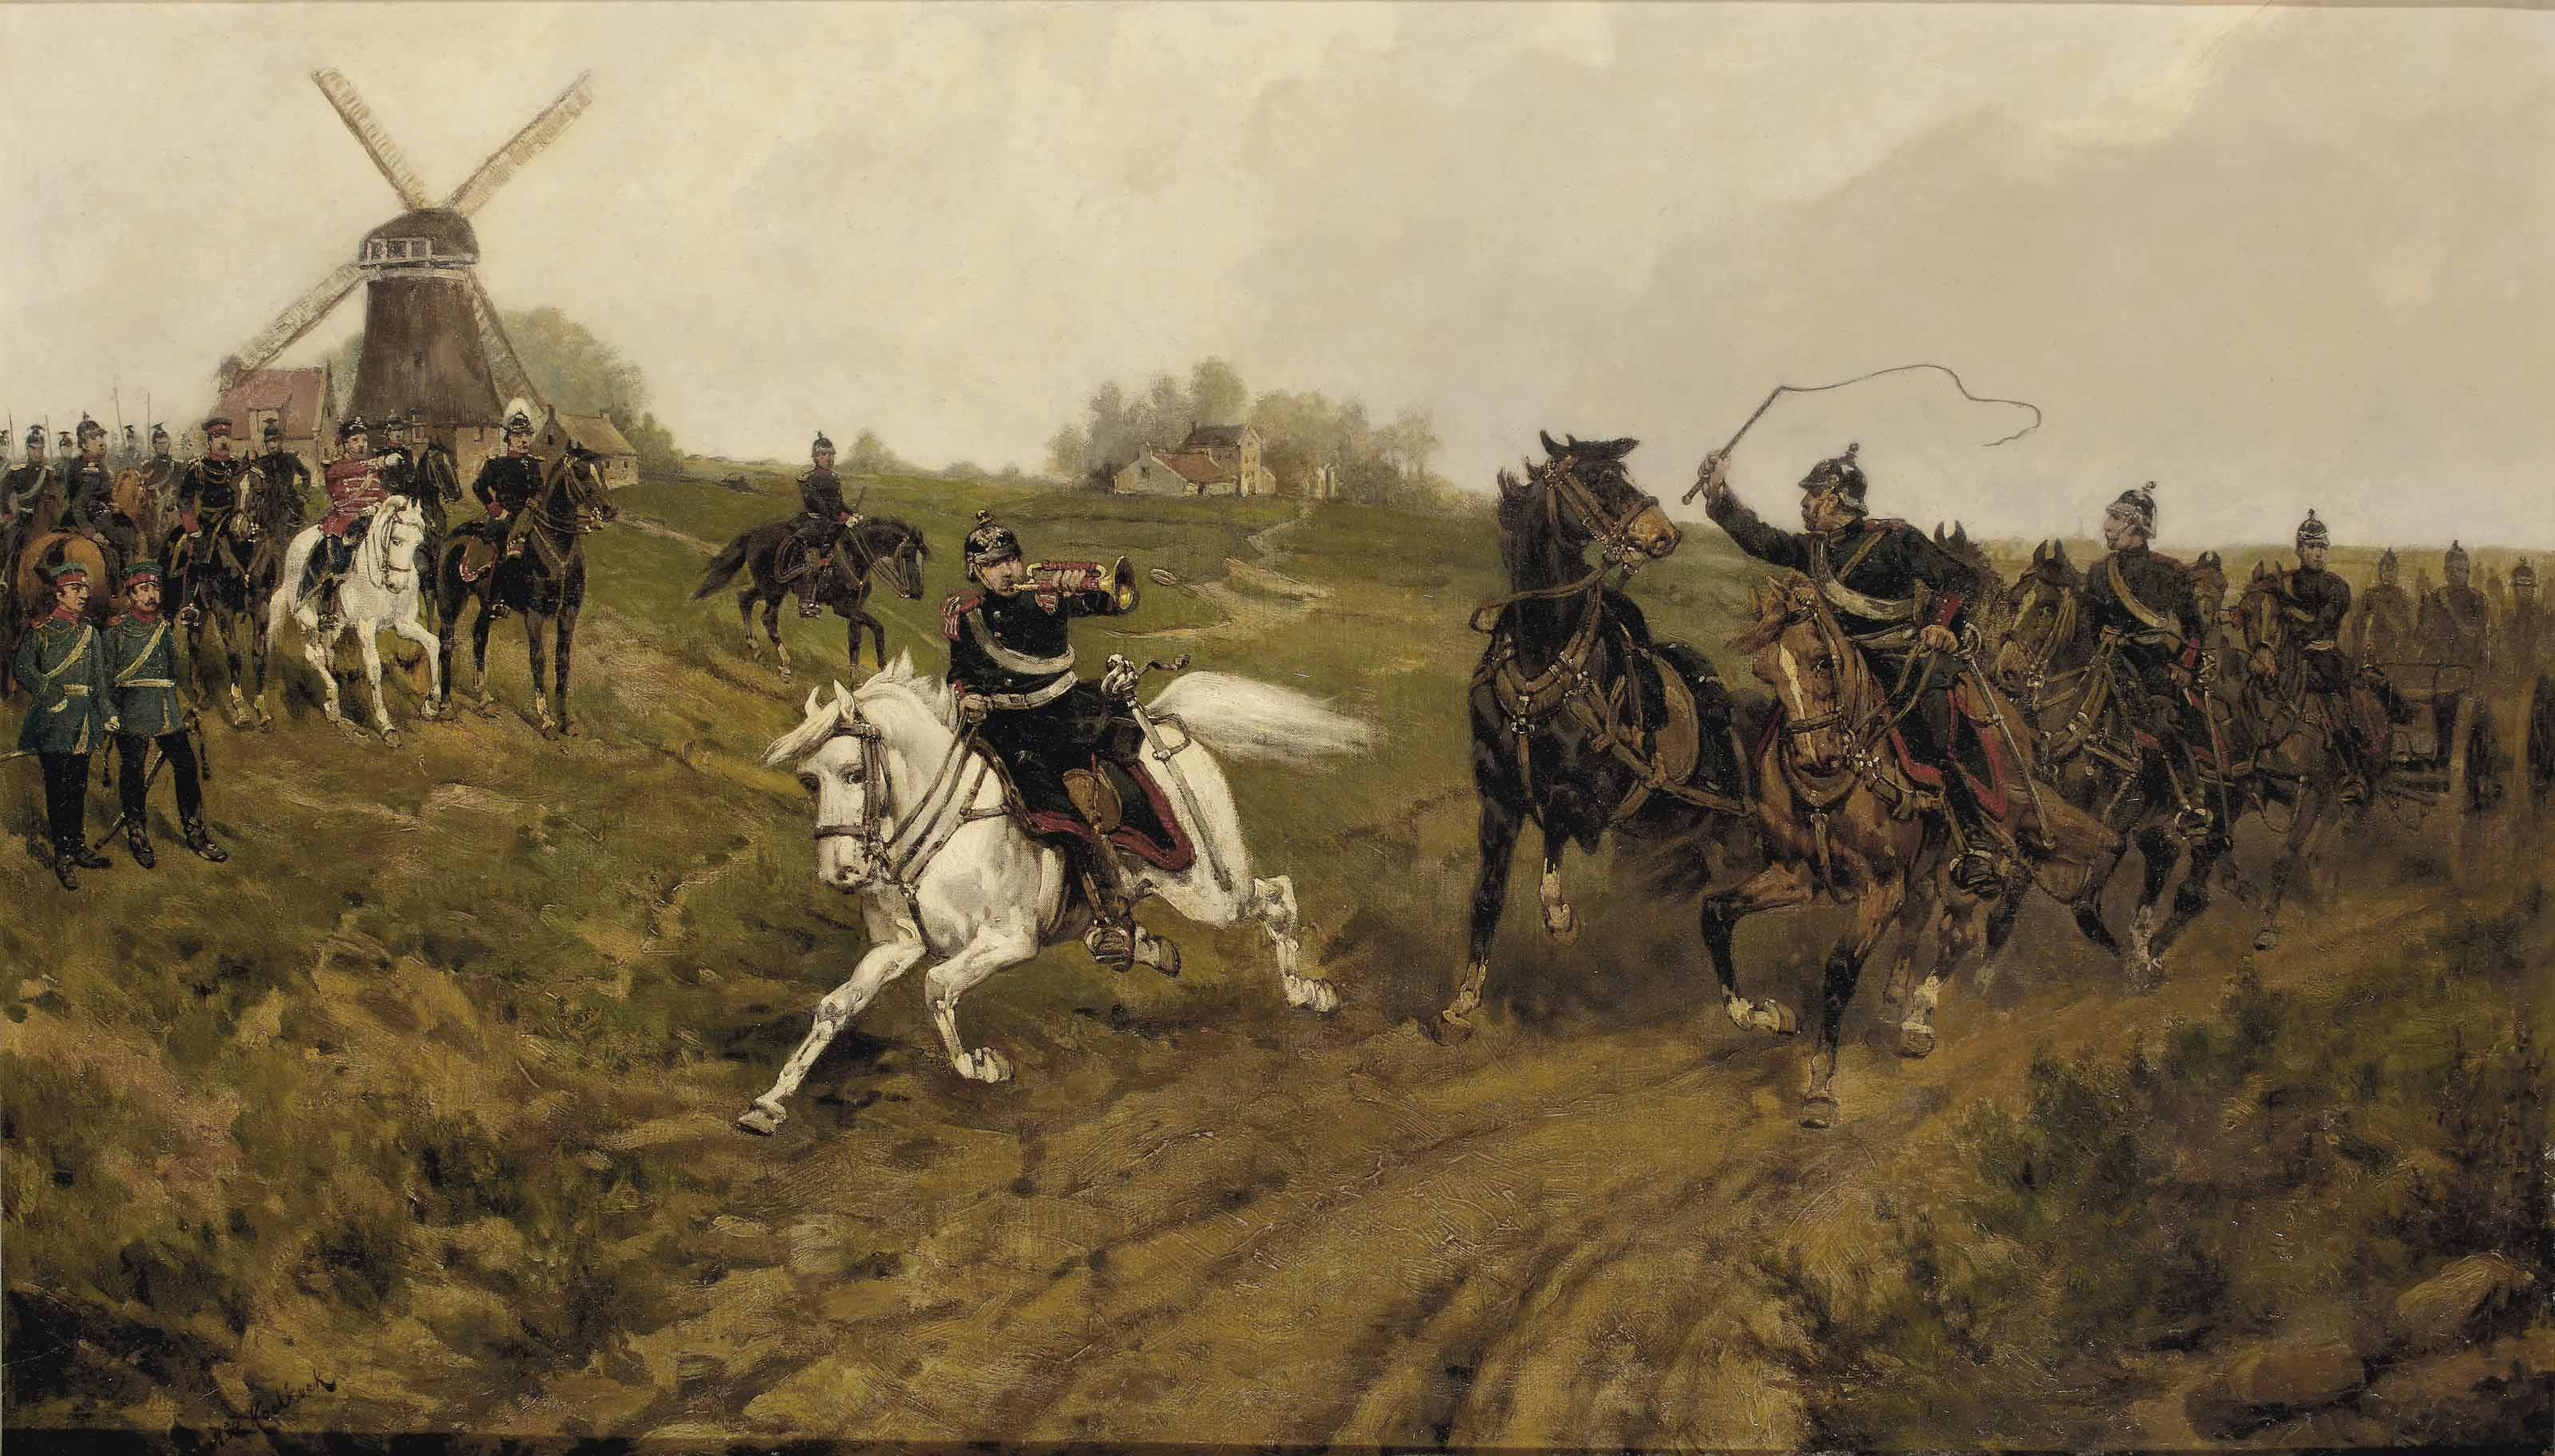 The cavalry drill